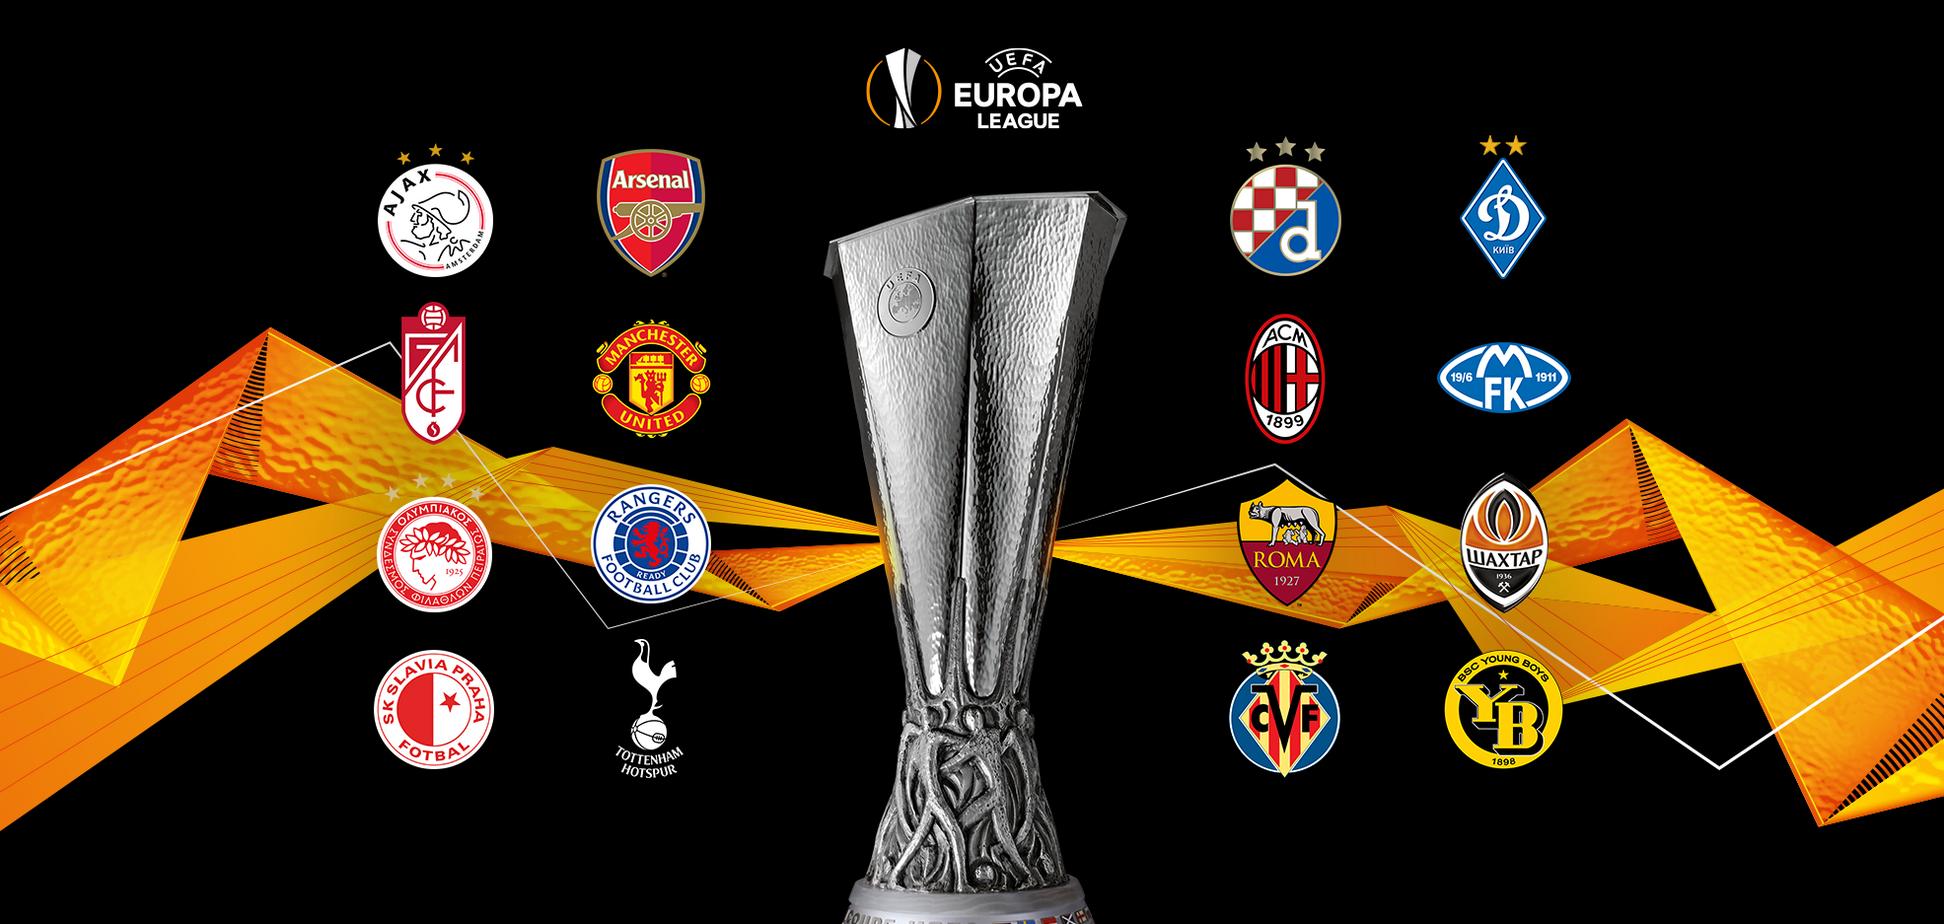 Жеребкування 1/8 фіналу Ліги Європи